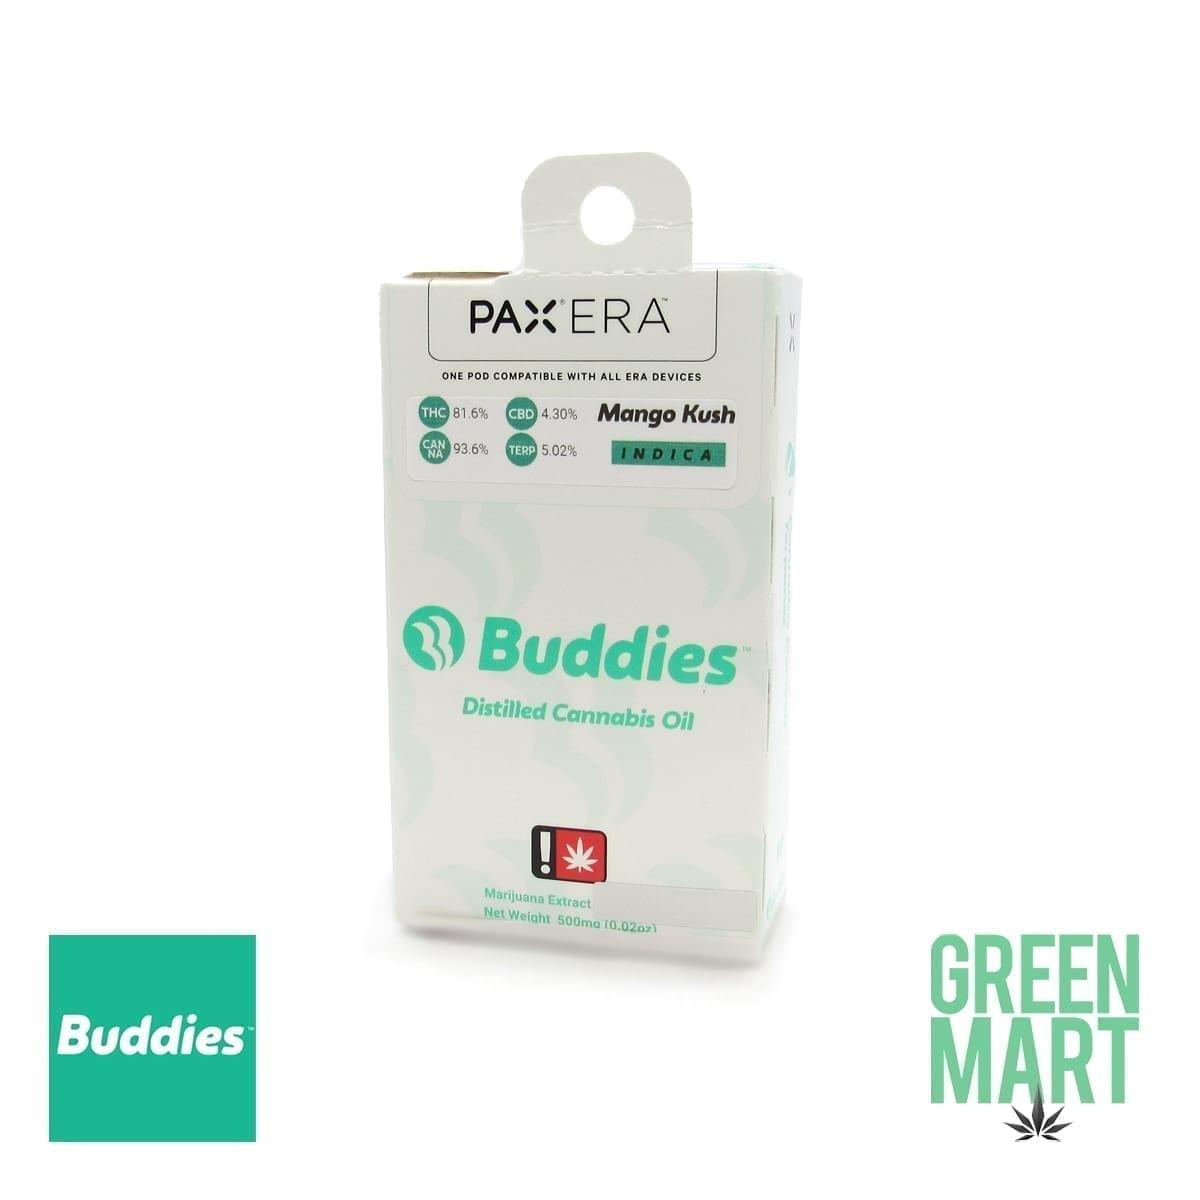 Buddies Brand Pax Pod - Mango Kush